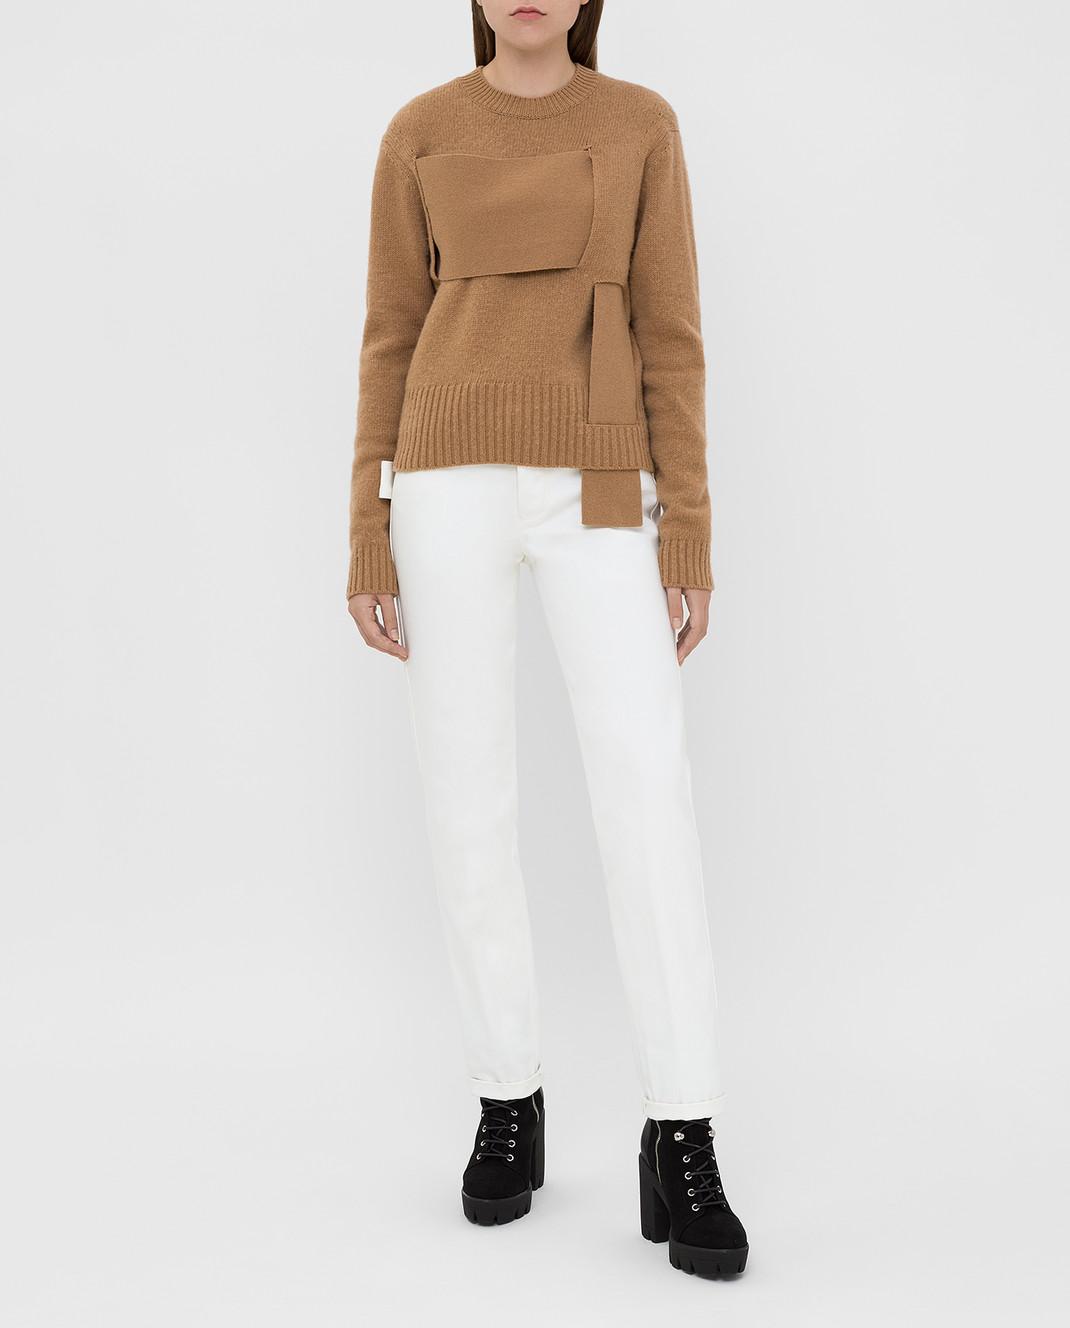 Bottega Veneta Бежевый свитер из шерсти изображение 2